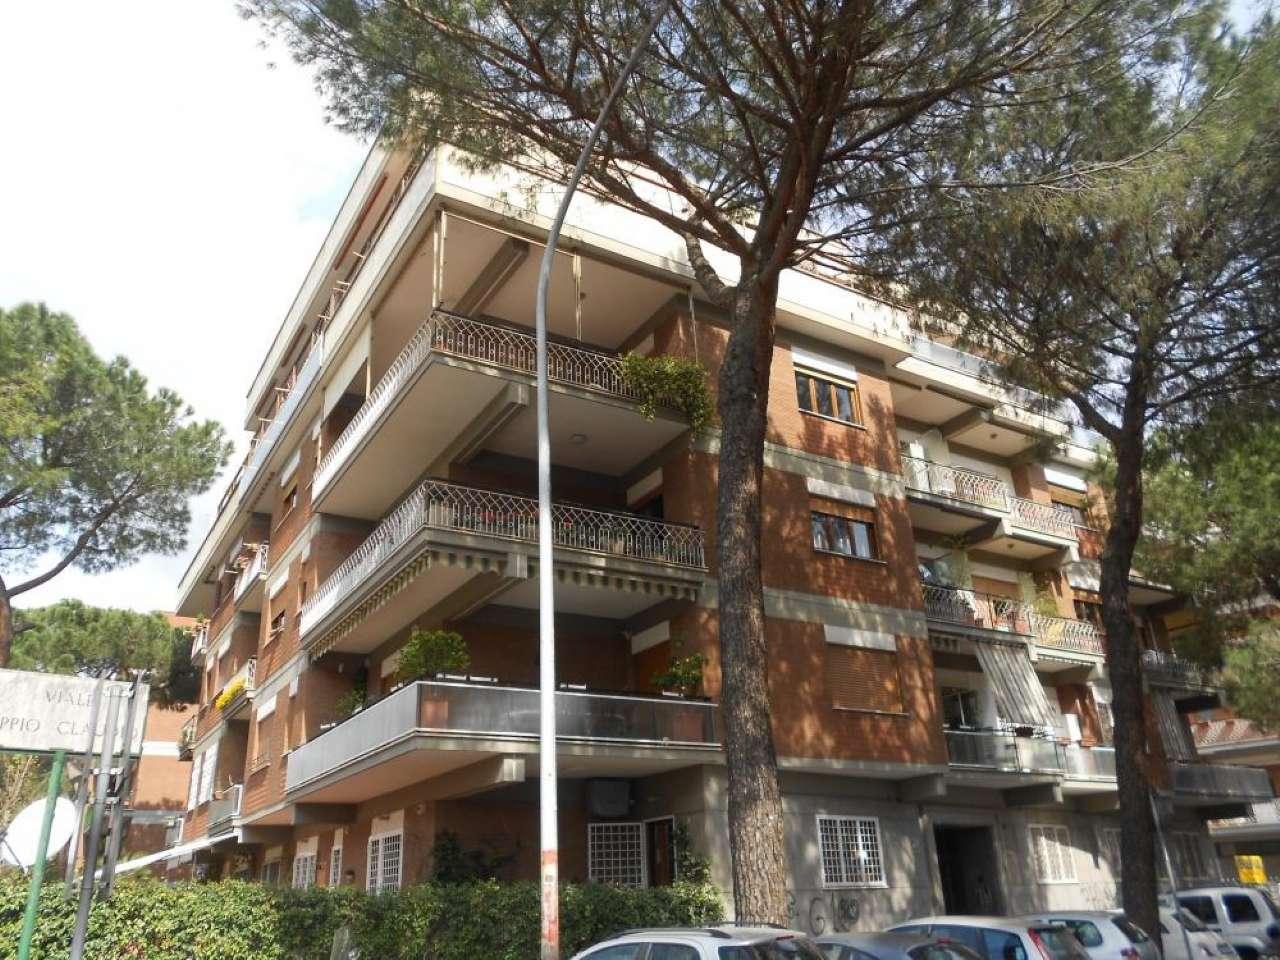 Bilocale Roma Vendita € 289.000 zona 13 . Tuscolano, Appio Claudio, - Cambiocasa.it